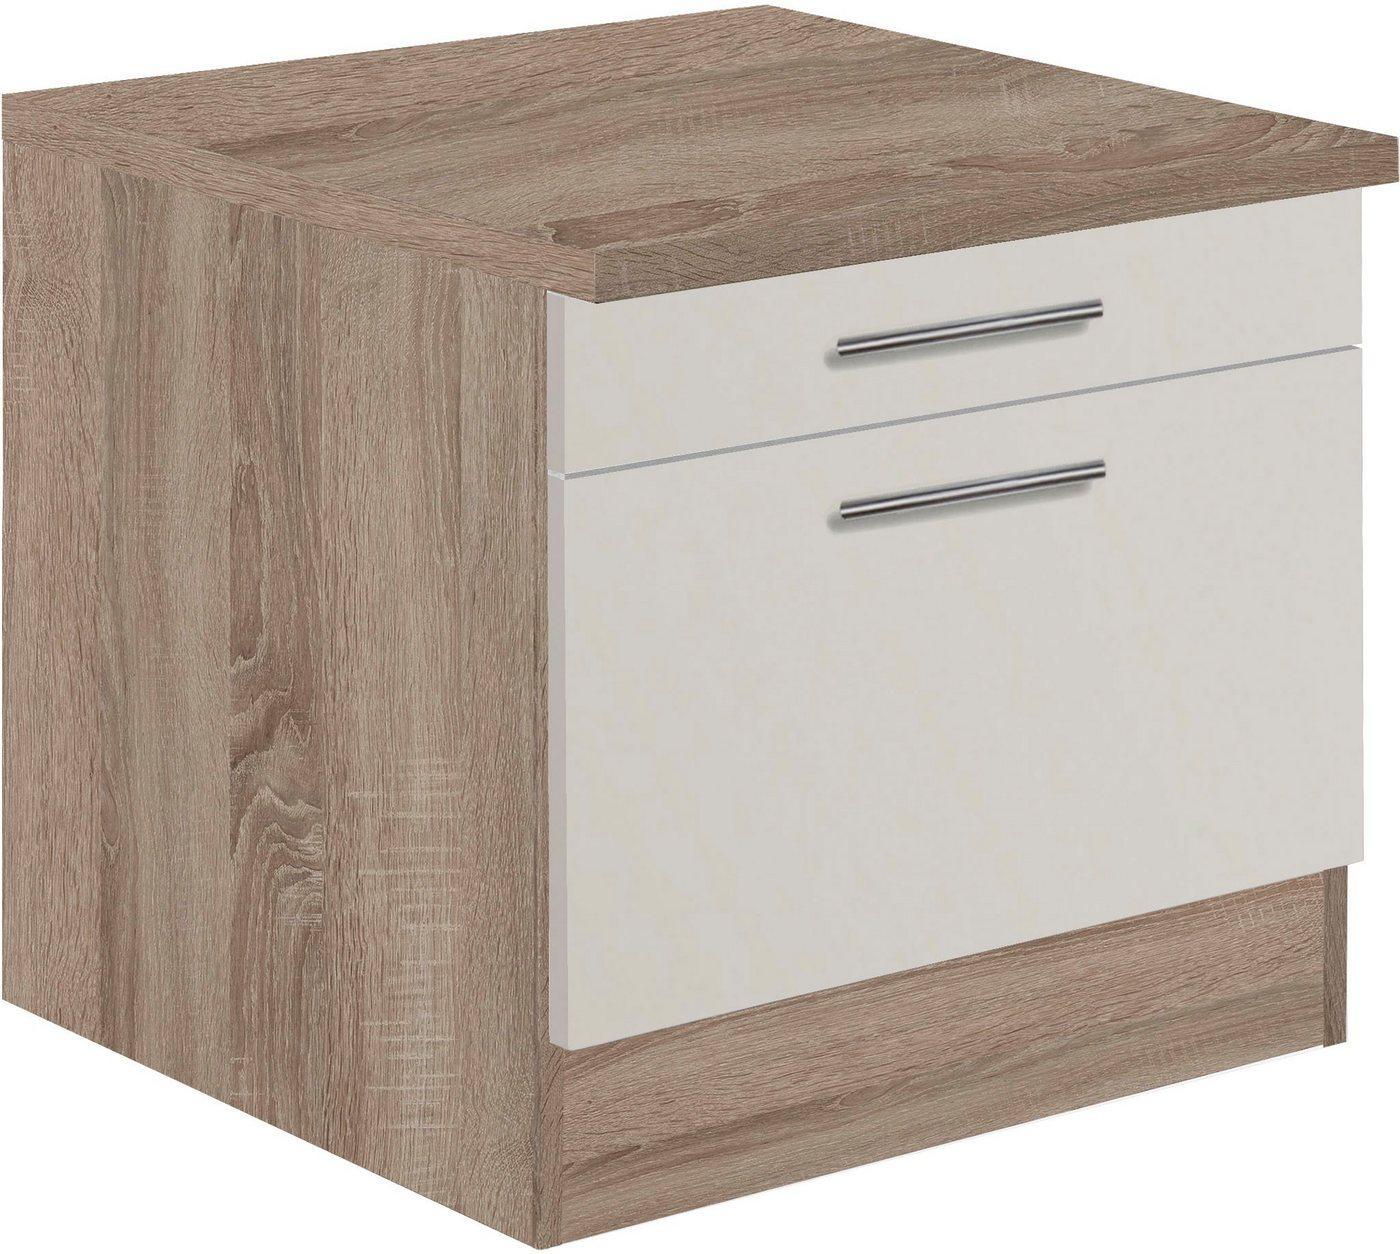 OPTIFIT Unterschrank »Elm« für Waschmaschine oder Trockner, Breite 60 cm, braun